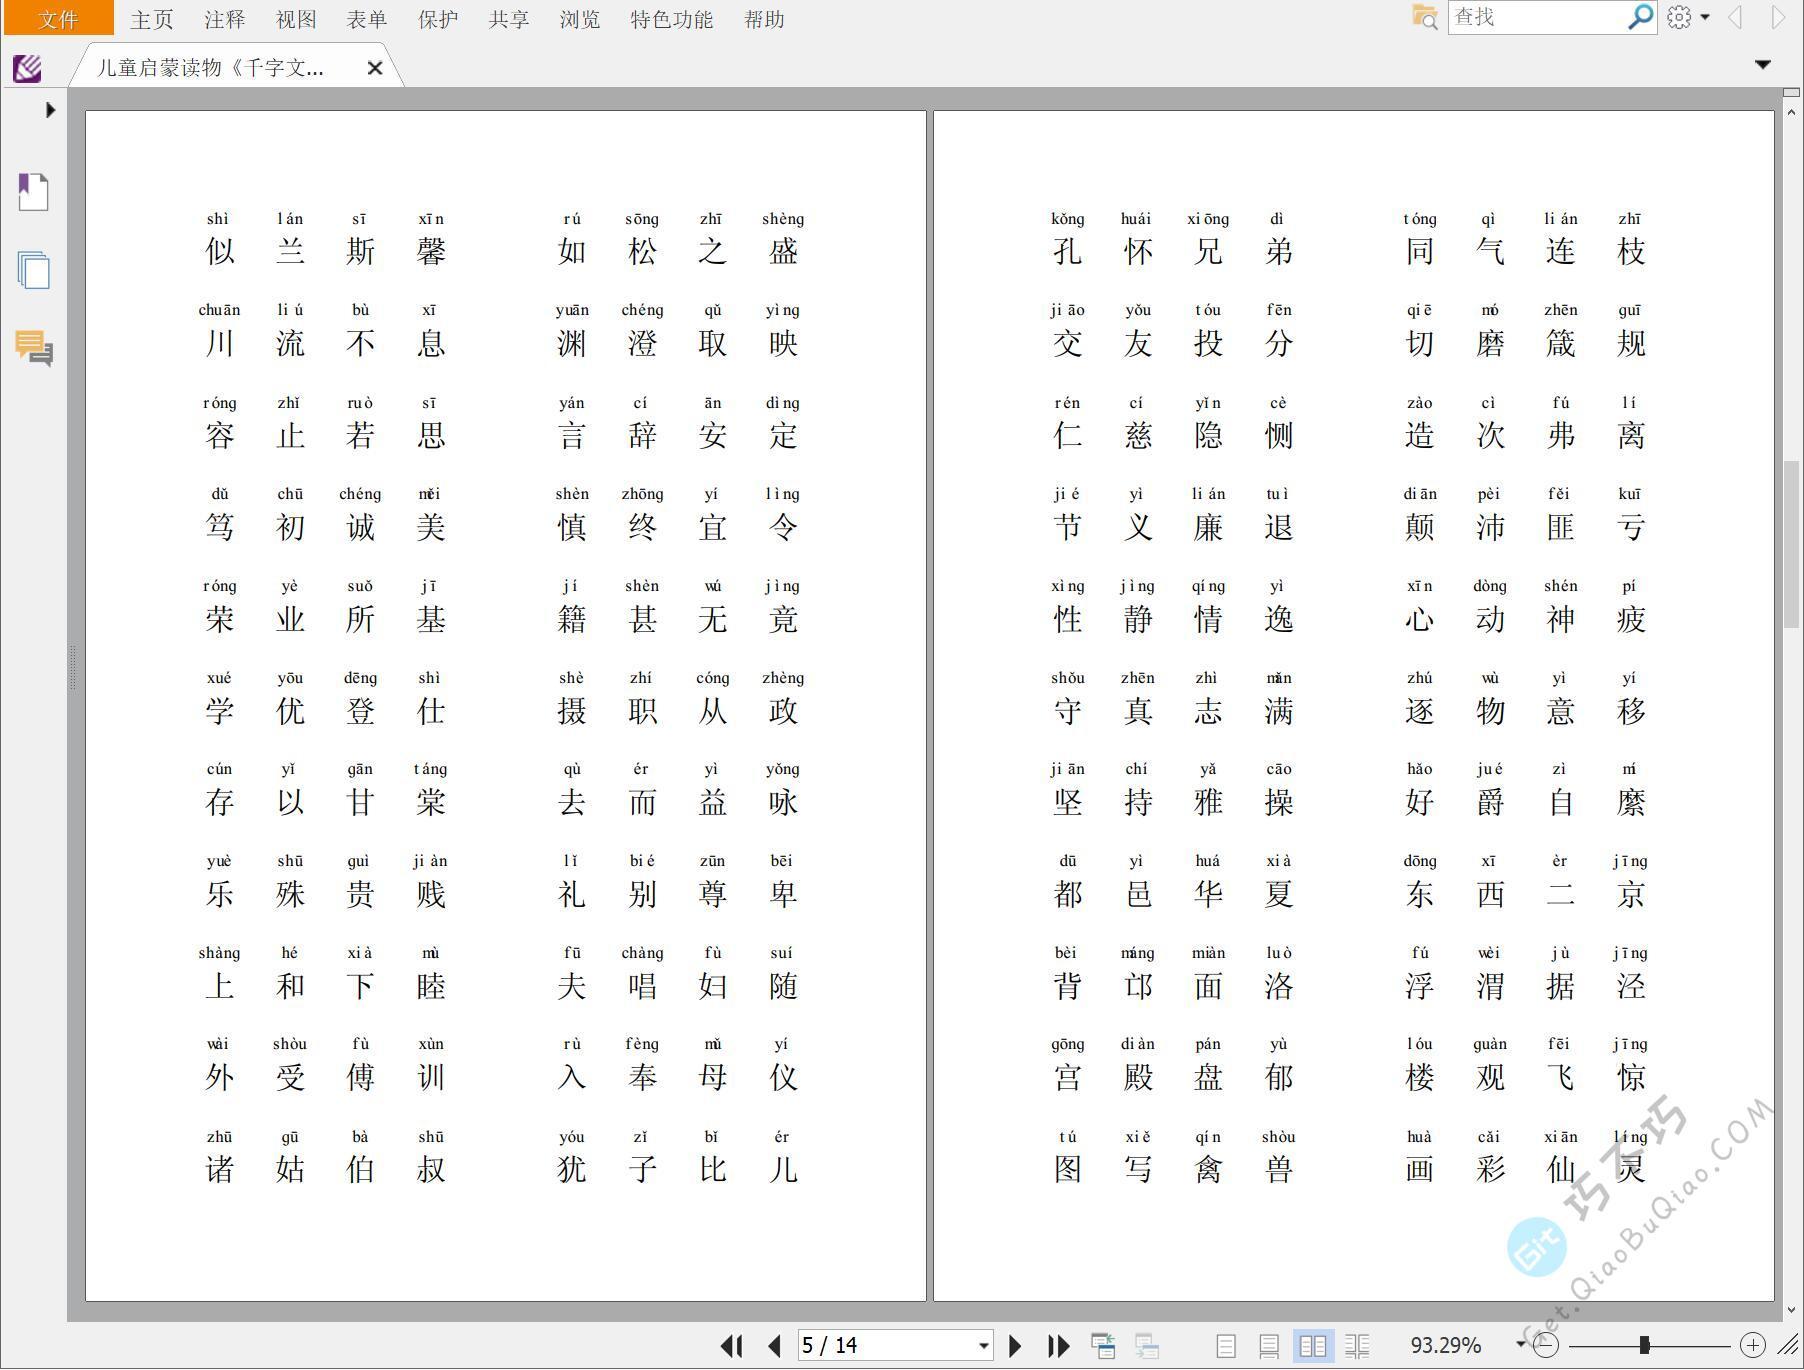 儿童启蒙读物《千字文》带拼音版PDF精排,学习中华汉字文化,支持A4纸打印